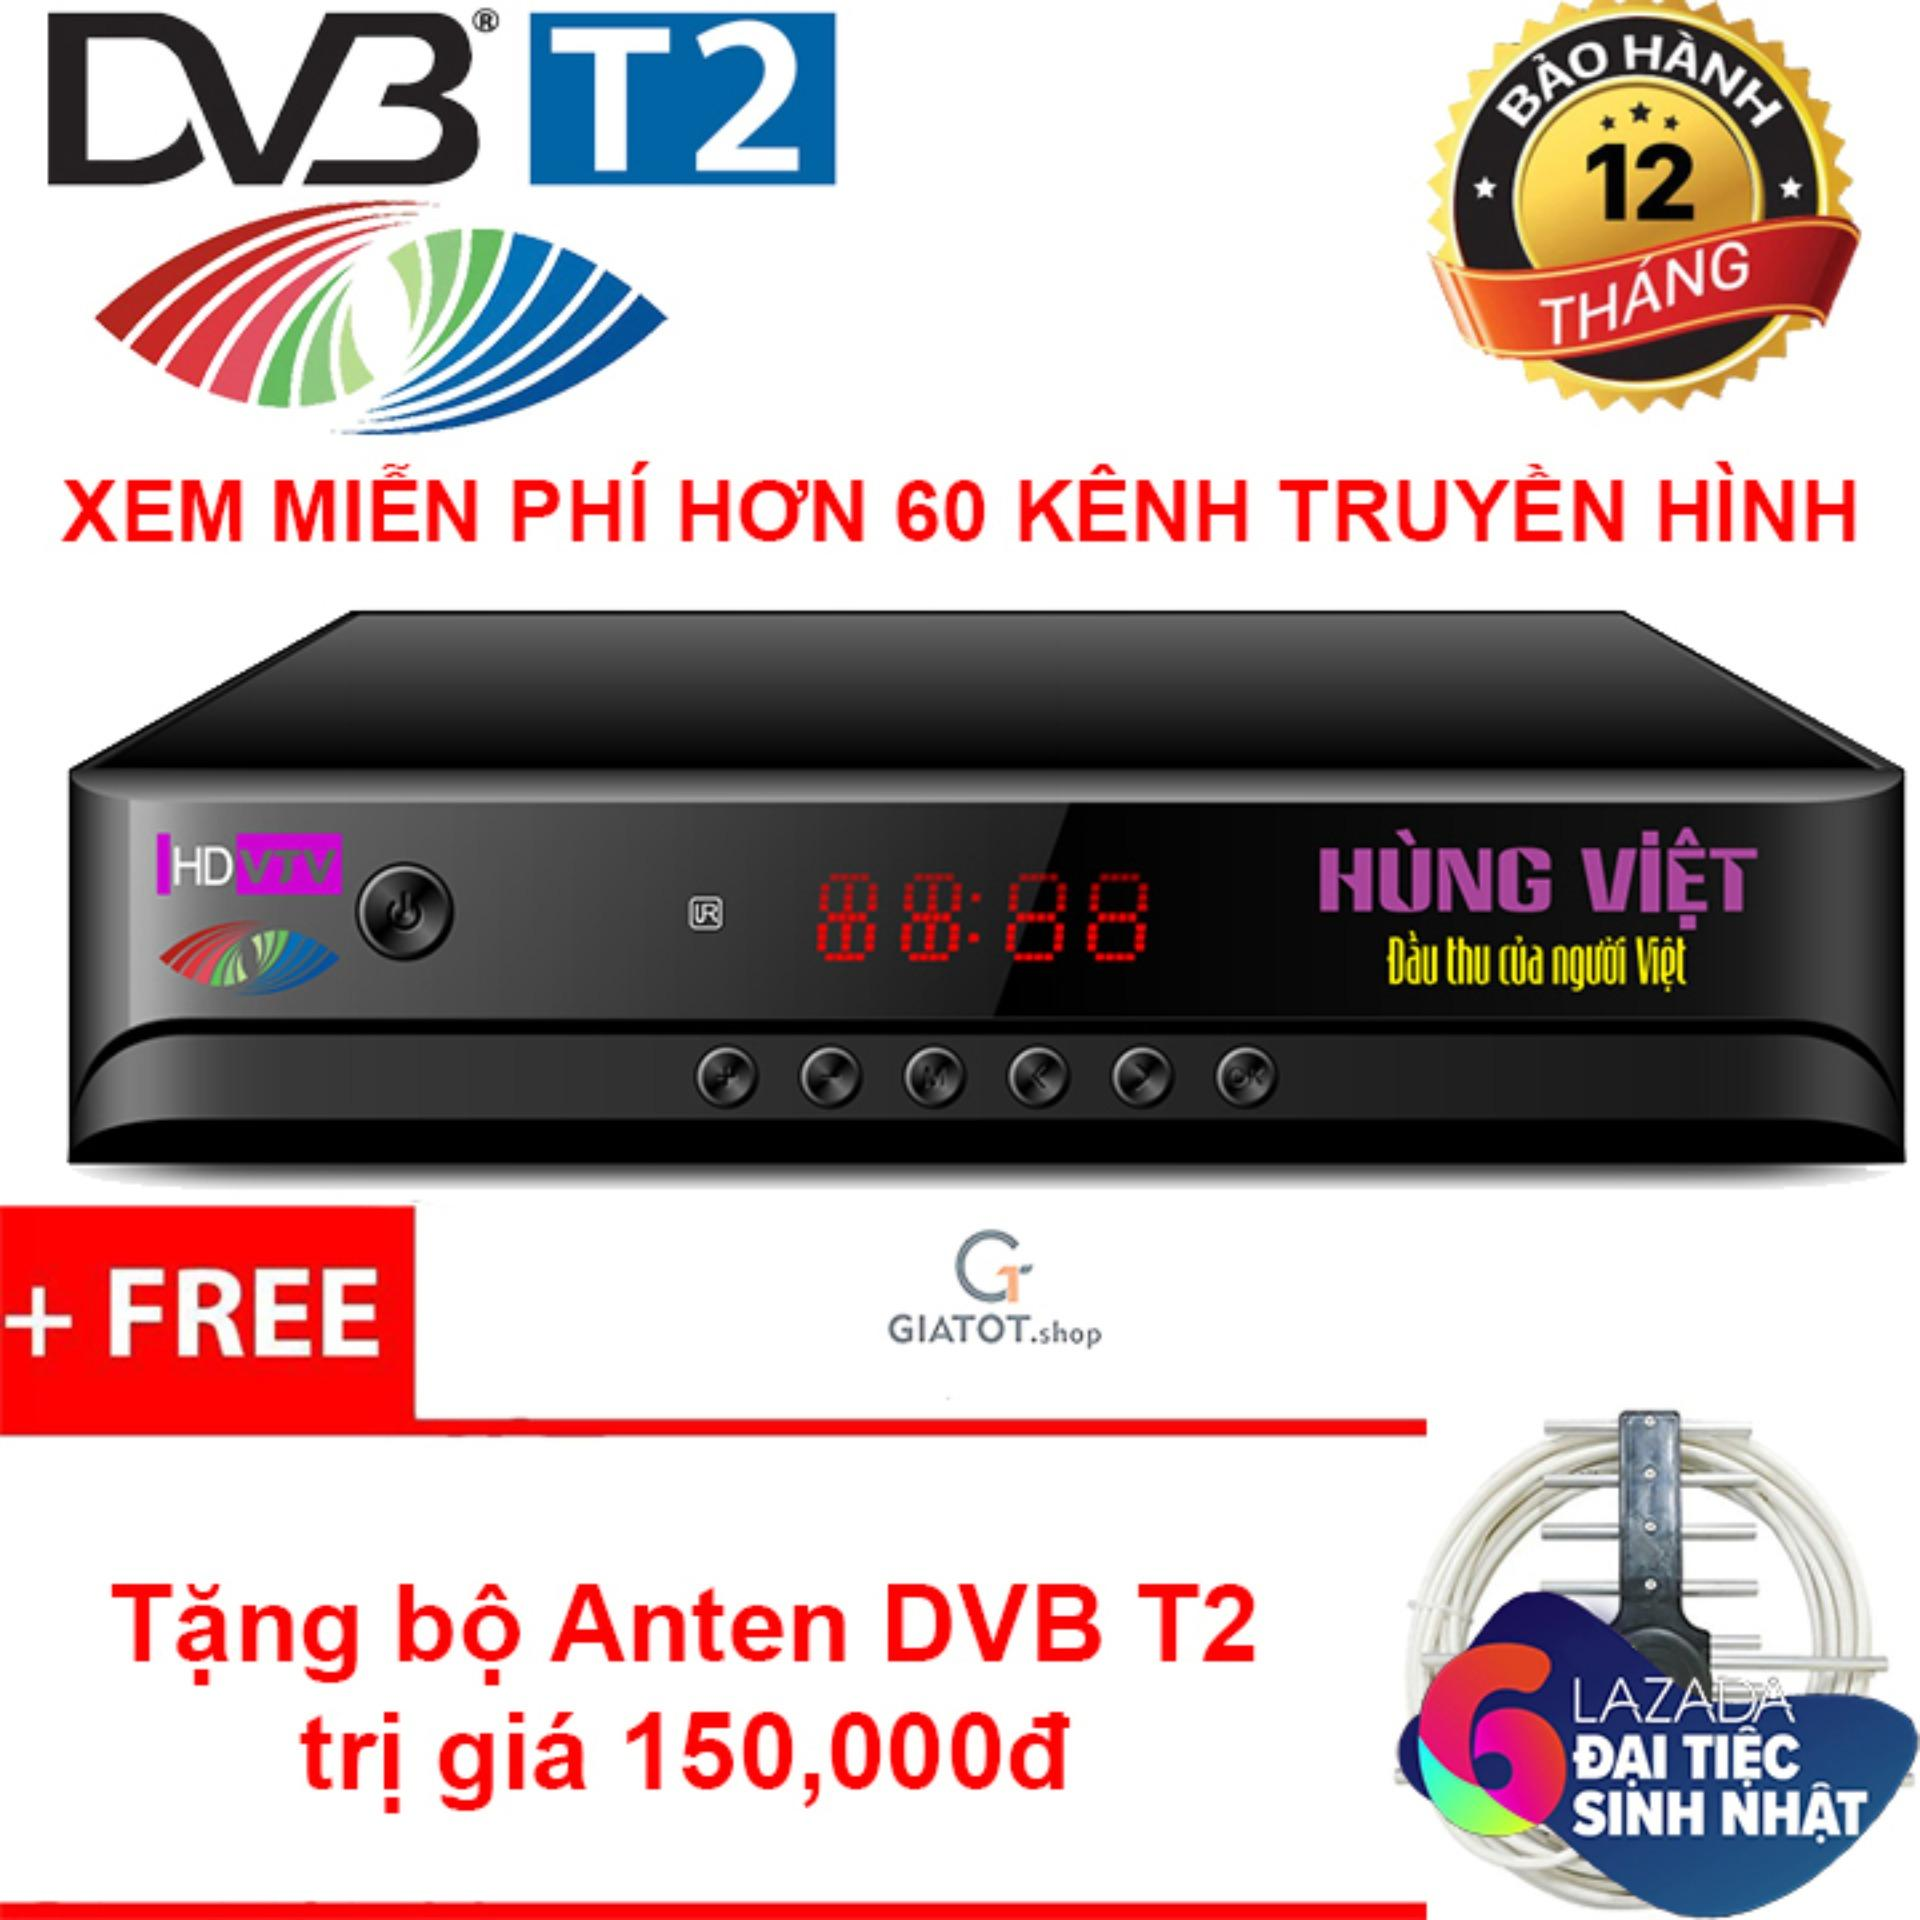 Bán Mua Combo Đầu Thu Kỹ Thuật Số Dvb T2 Hung Việt Hd 789S Anten Thong Minh